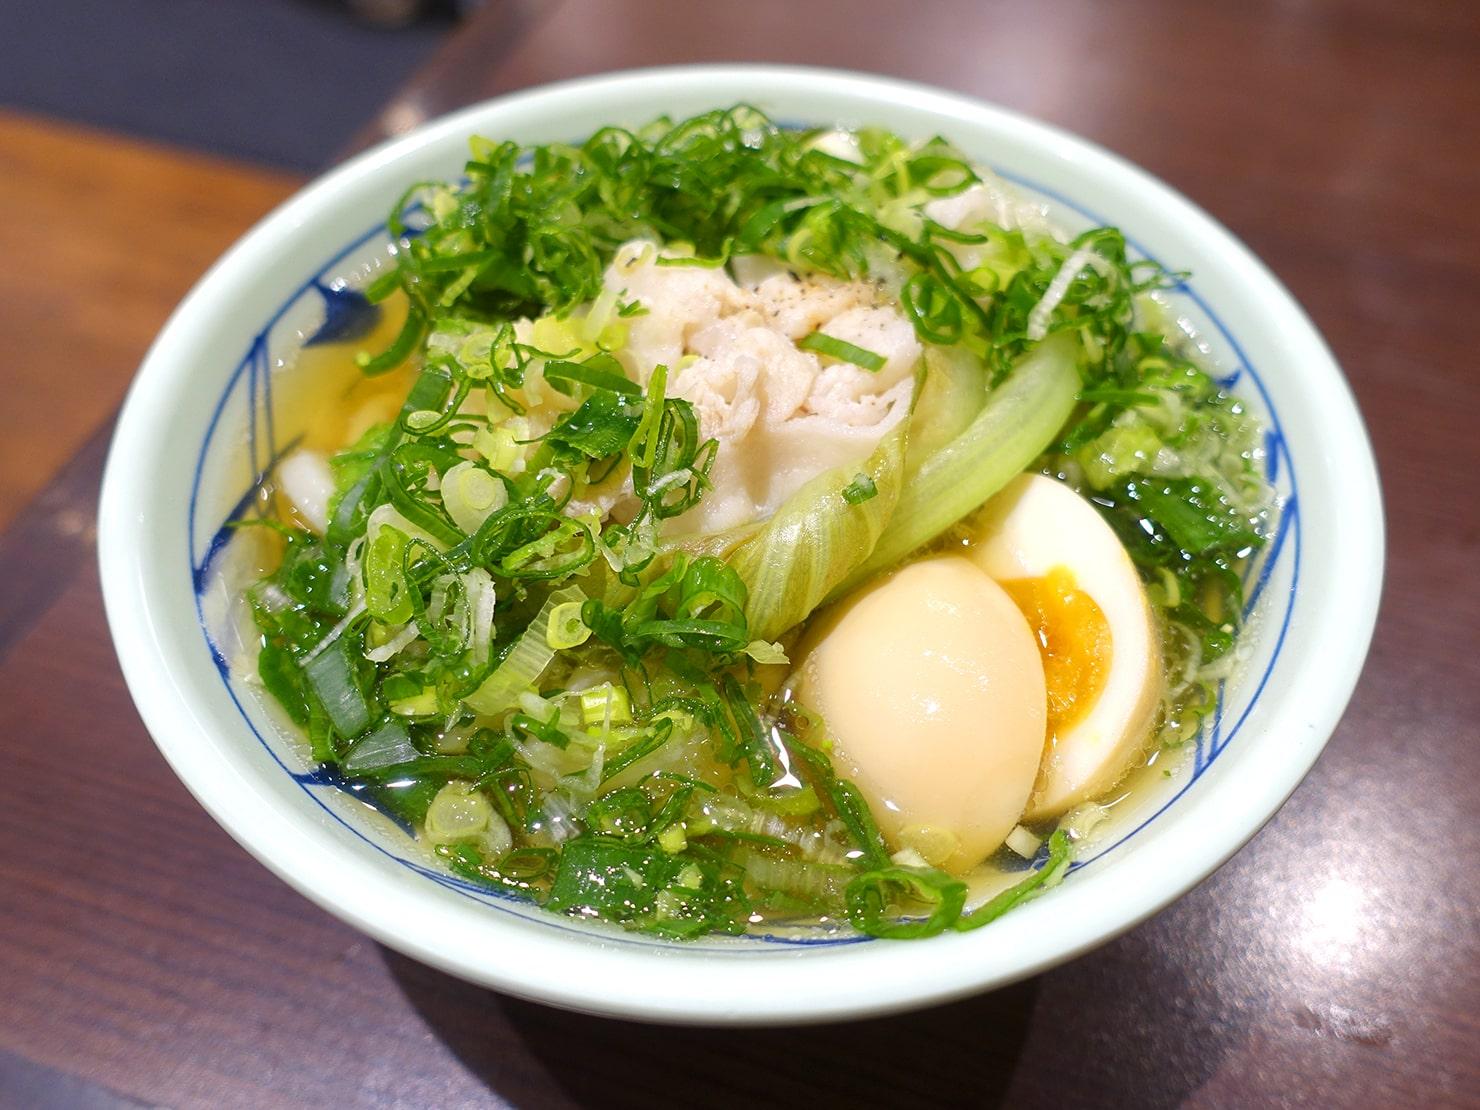 セルフうどんチェーン「丸亀製麺」の台湾限定メニュー・時蔬豬肉烏龍麵(野菜豚肉うどん)